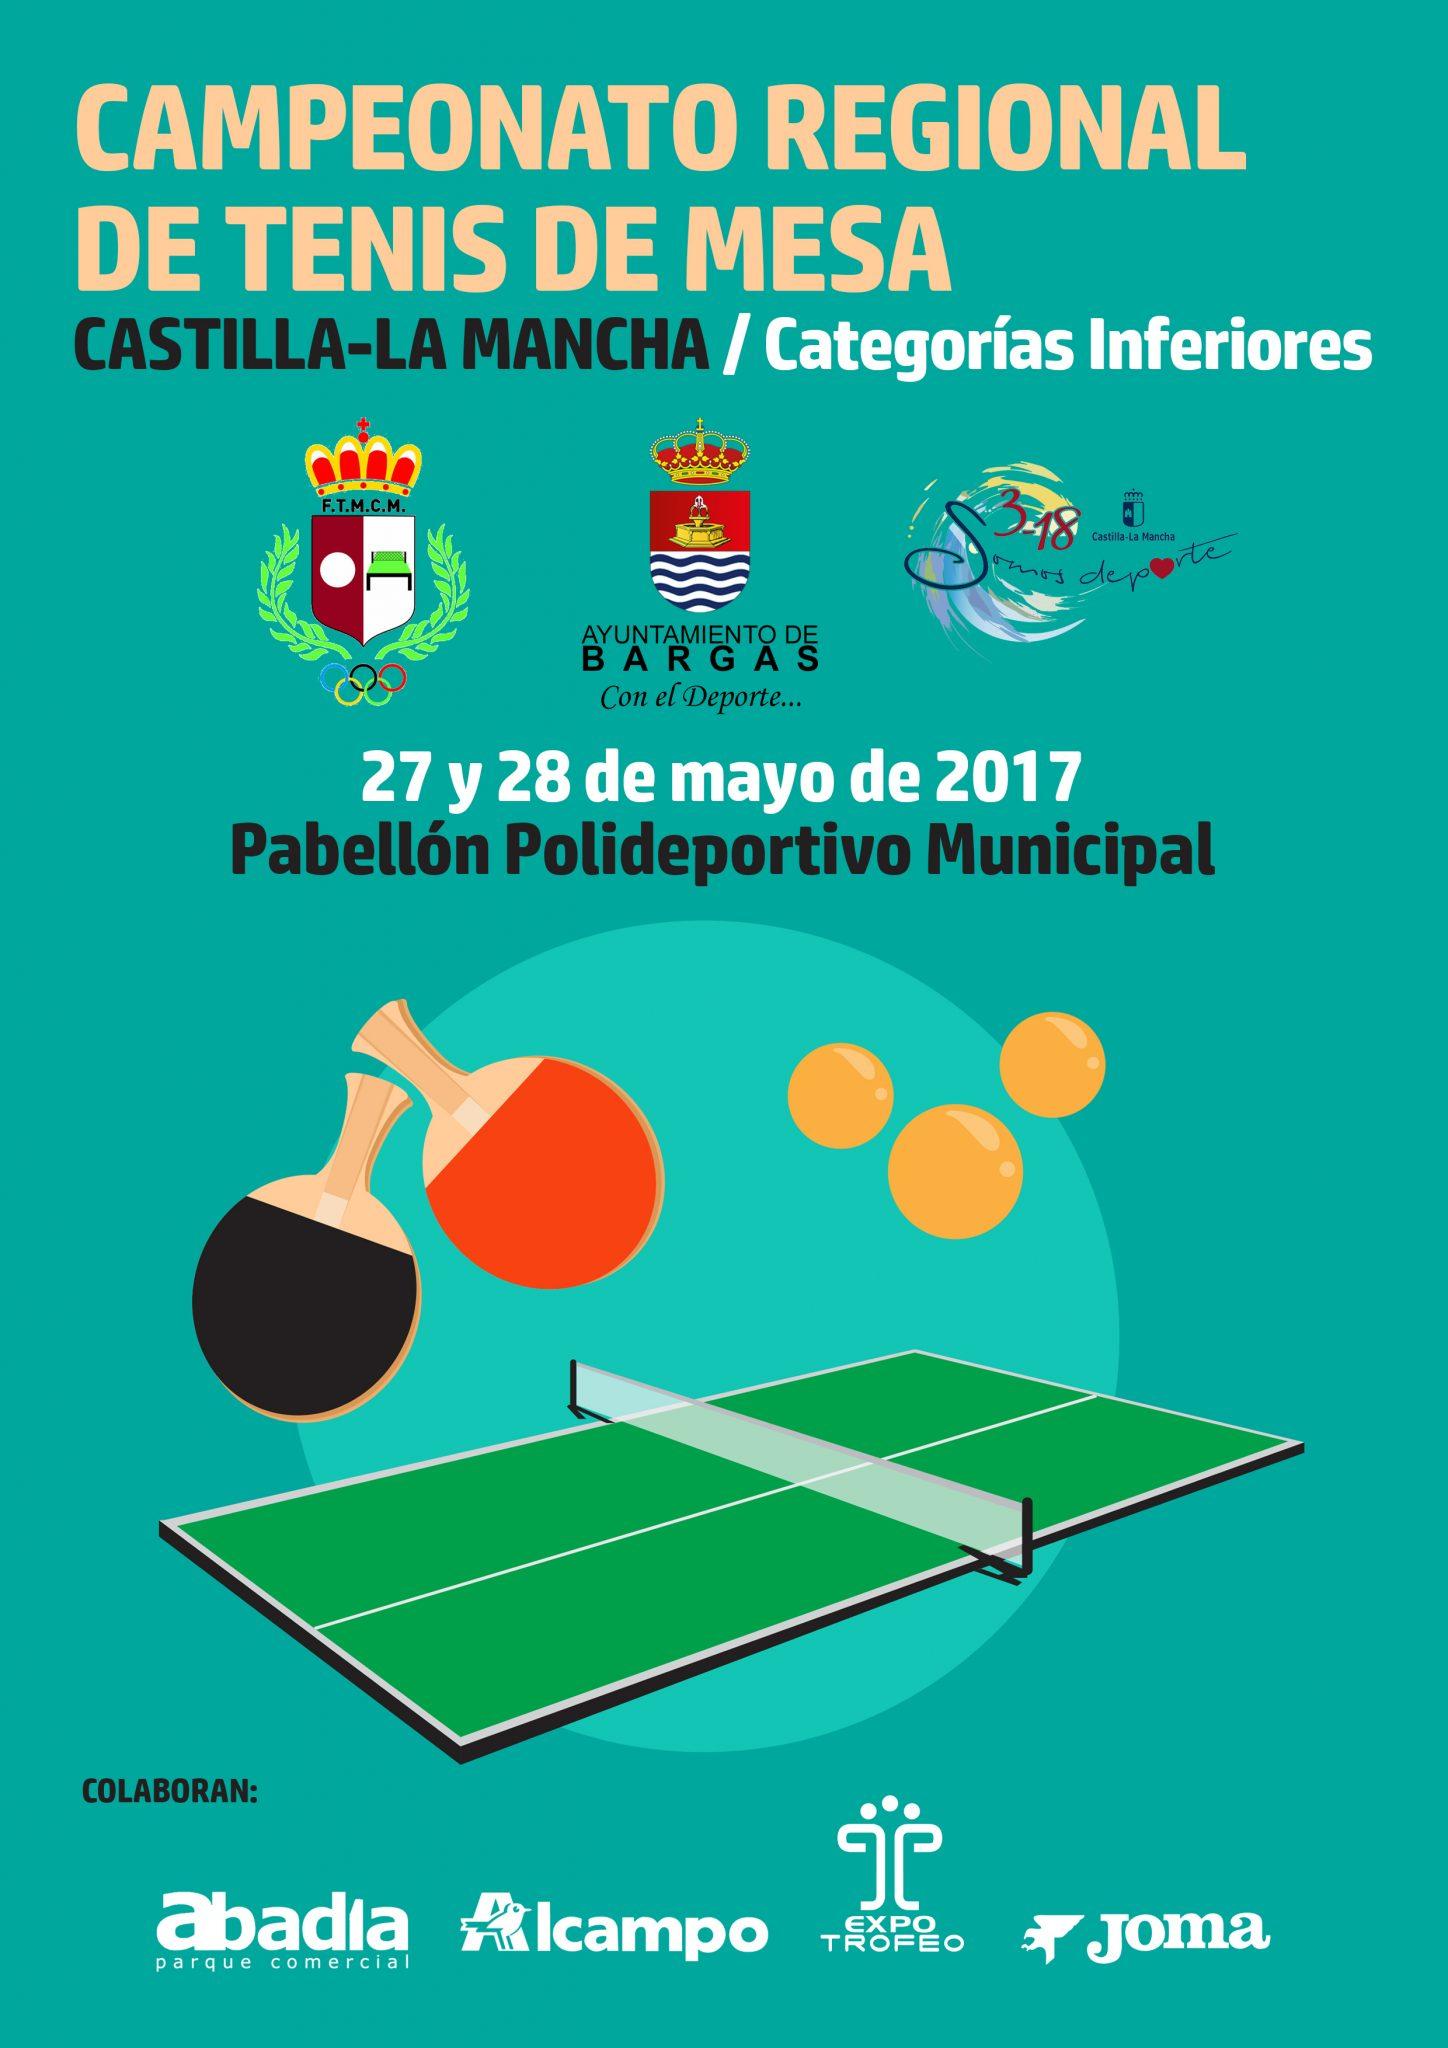 Campeonato Regional de Tenis de Mesa